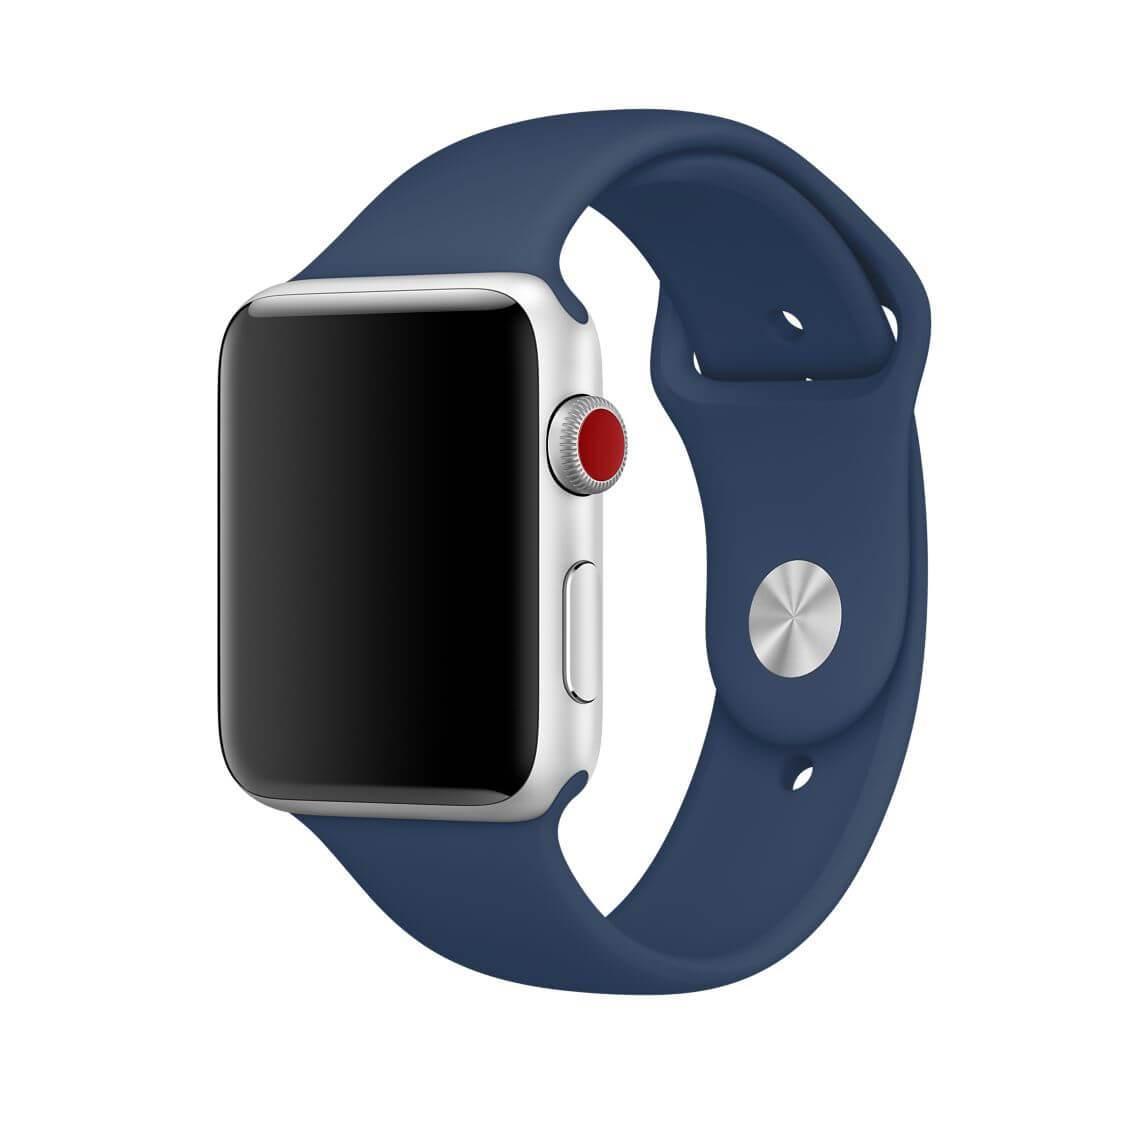 Řemínek SmoothBand pro Apple Watch Series 3/2/1 42mm - Kobaltově modrý